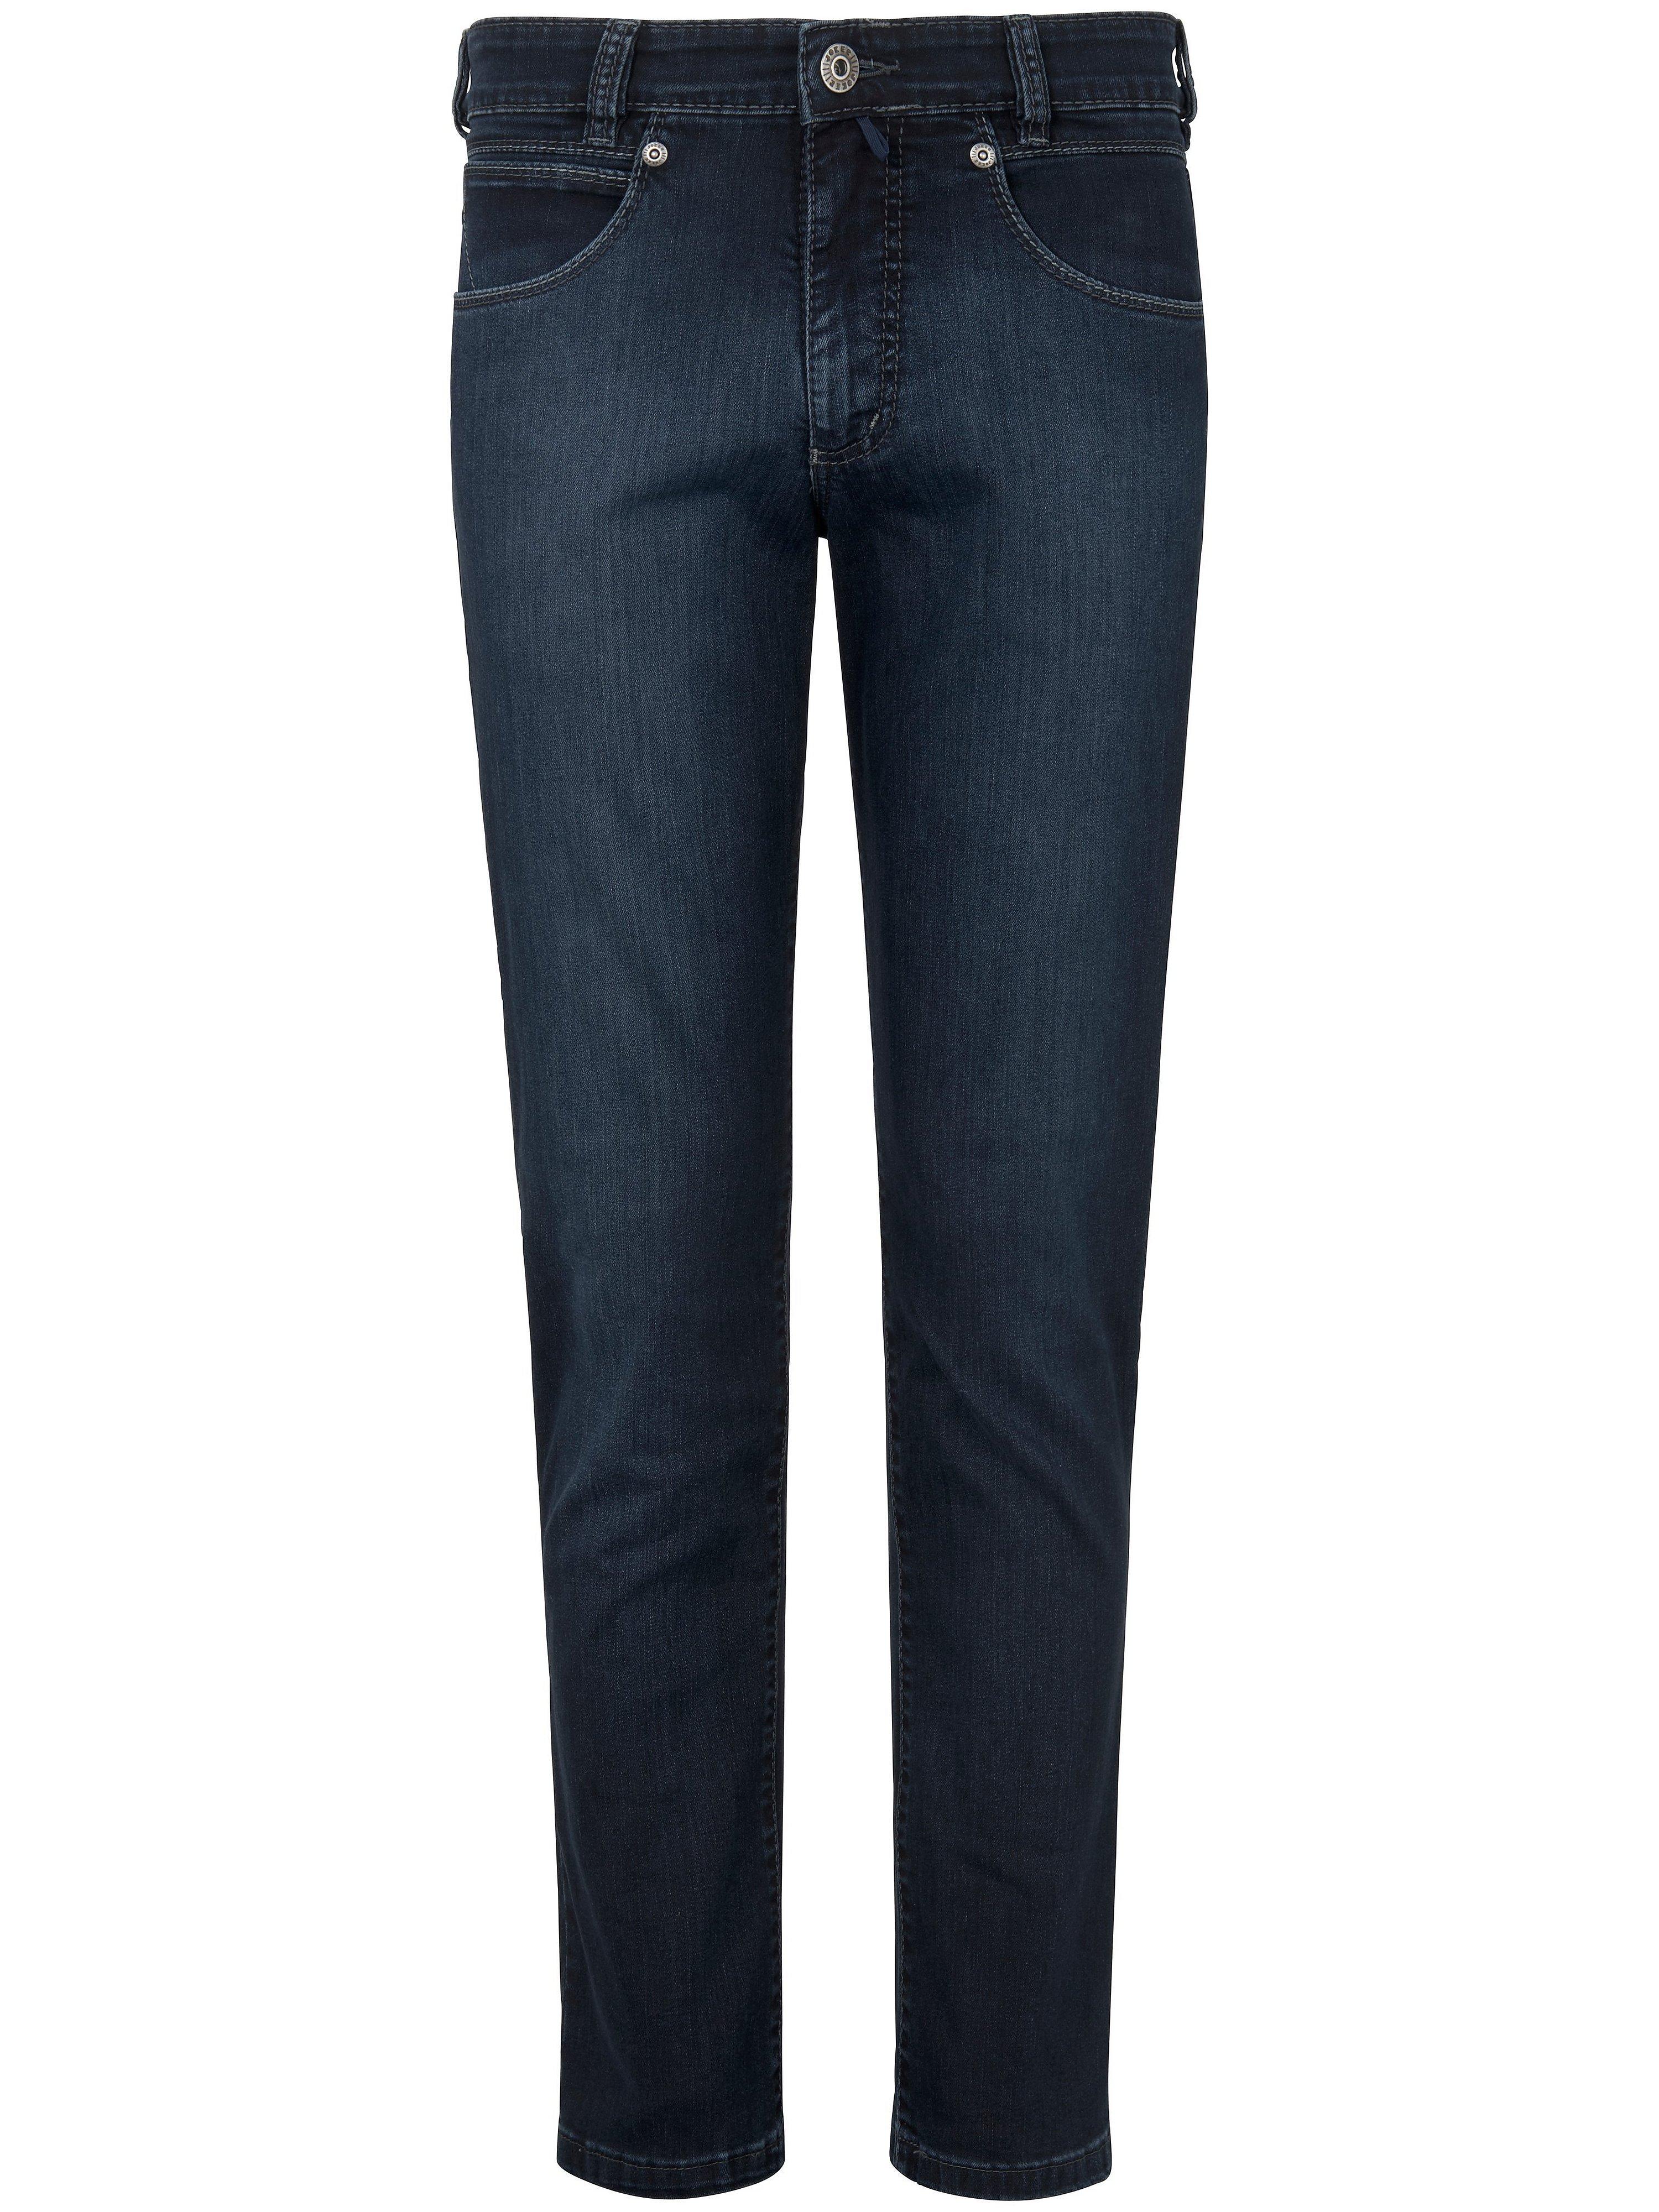 Le jean modèle Freddy  JOKER bleu taille 34